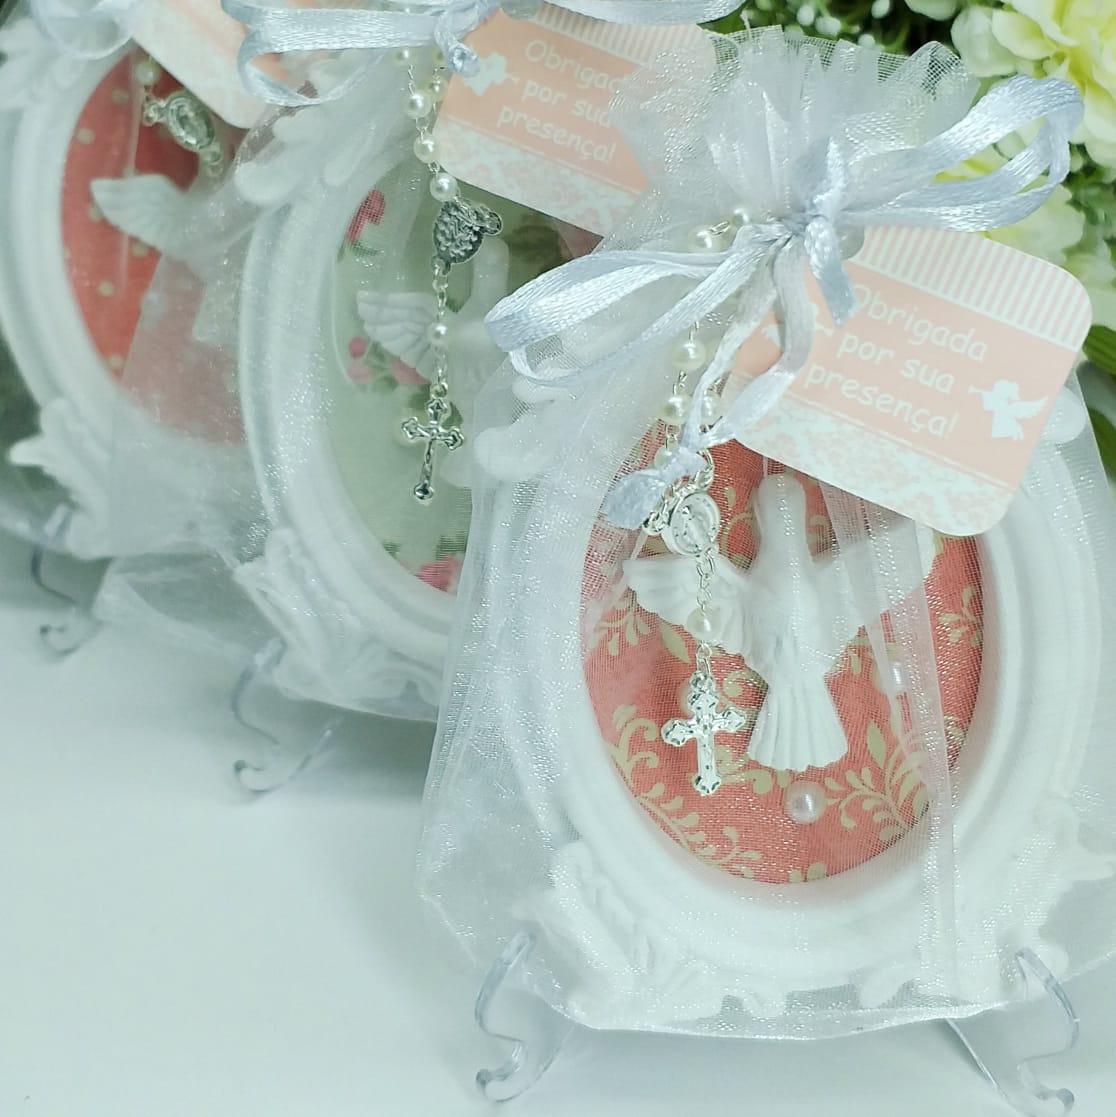 Quadro Lembrança Personalizada com Embalagem de Organza com Pedestal e Mini Terço